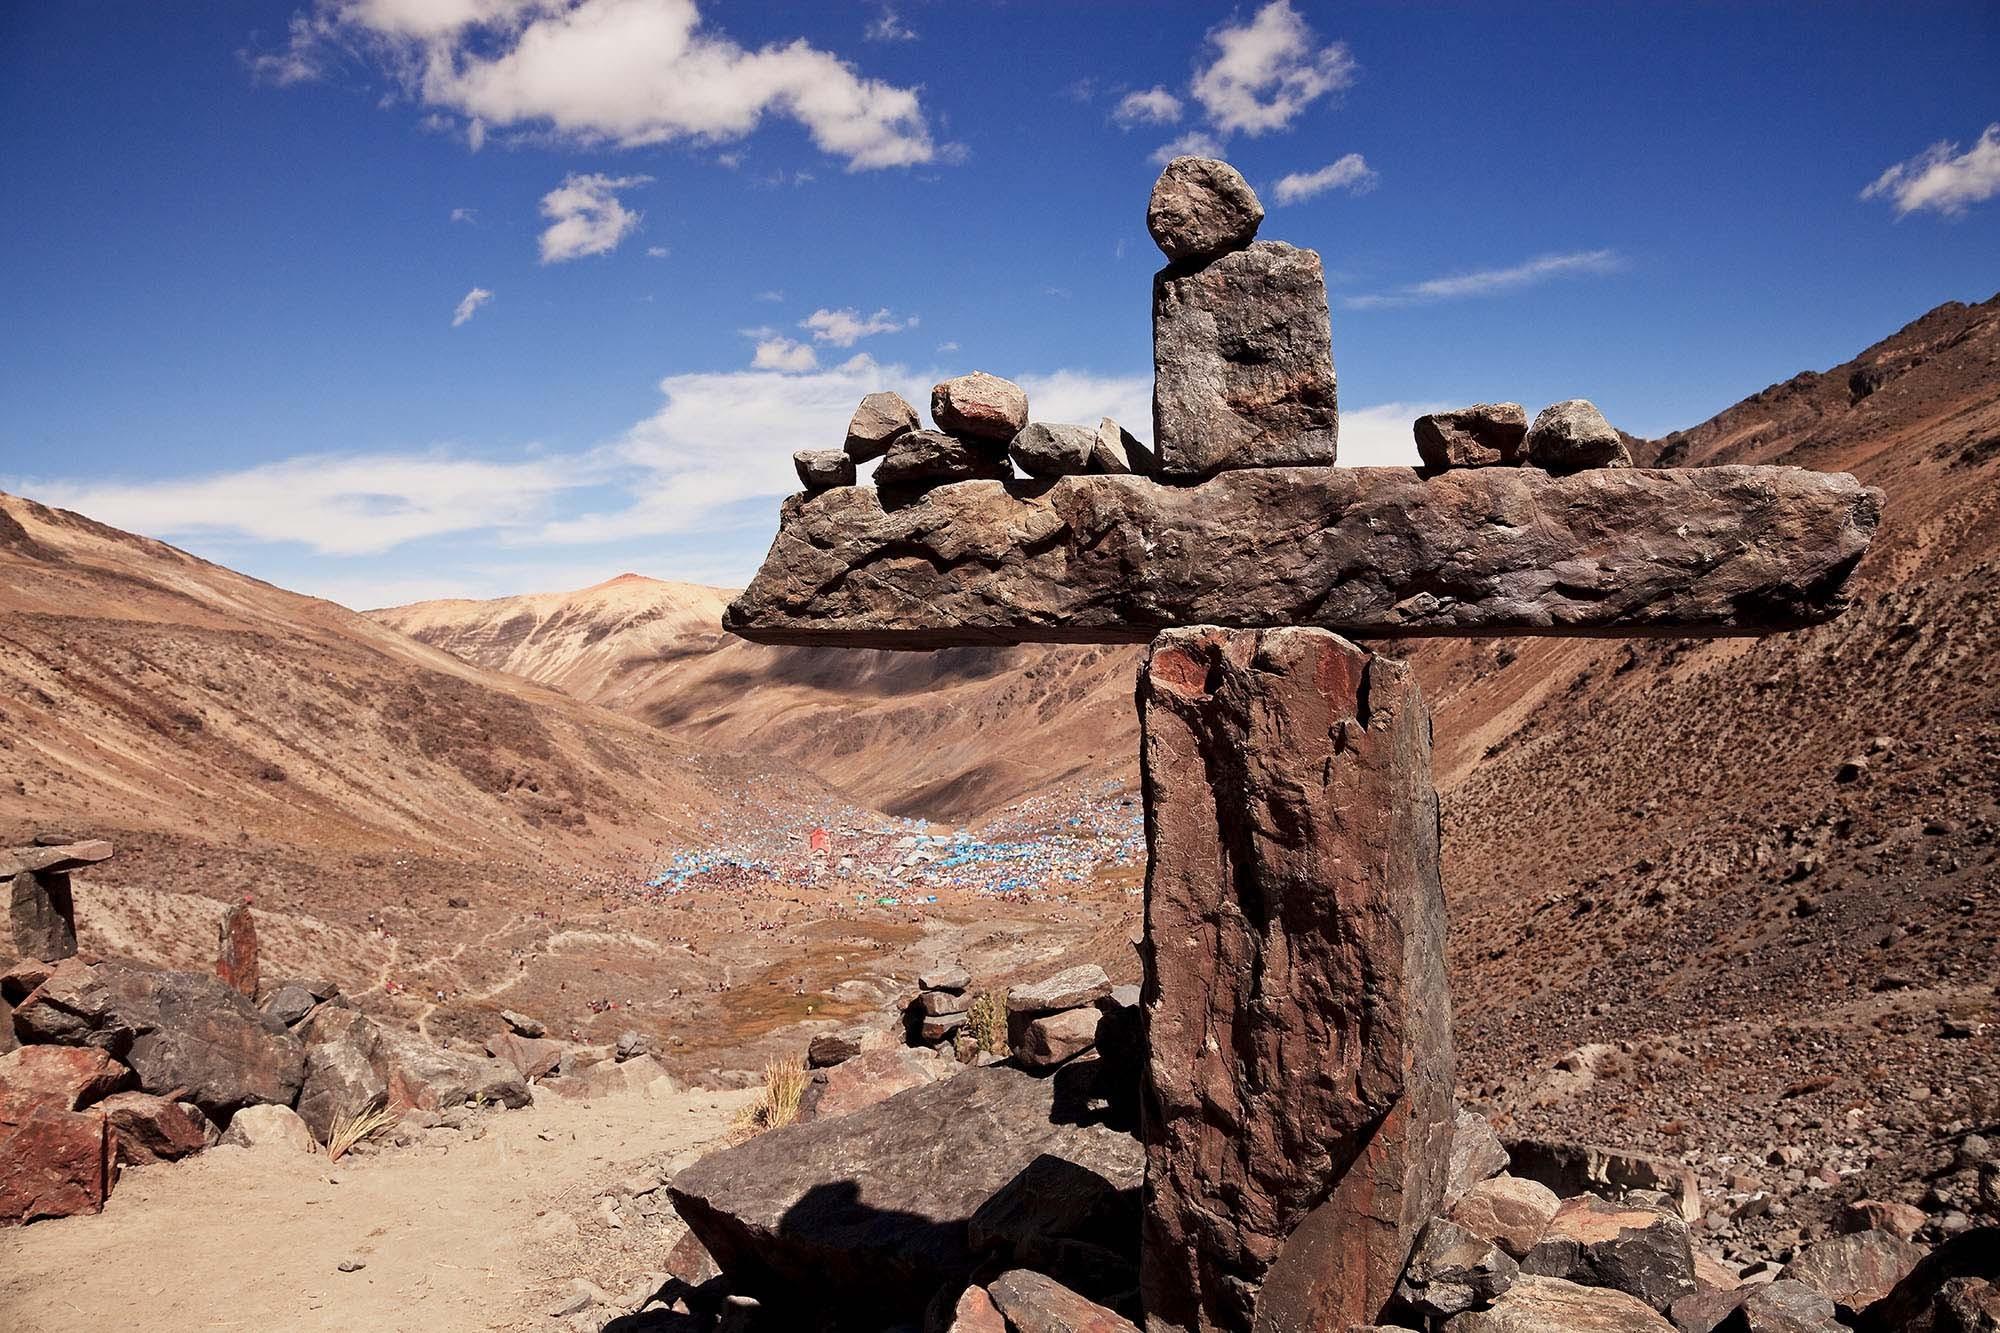 La Cruz en el Señor de Qoyllorritty, Cusco 2009